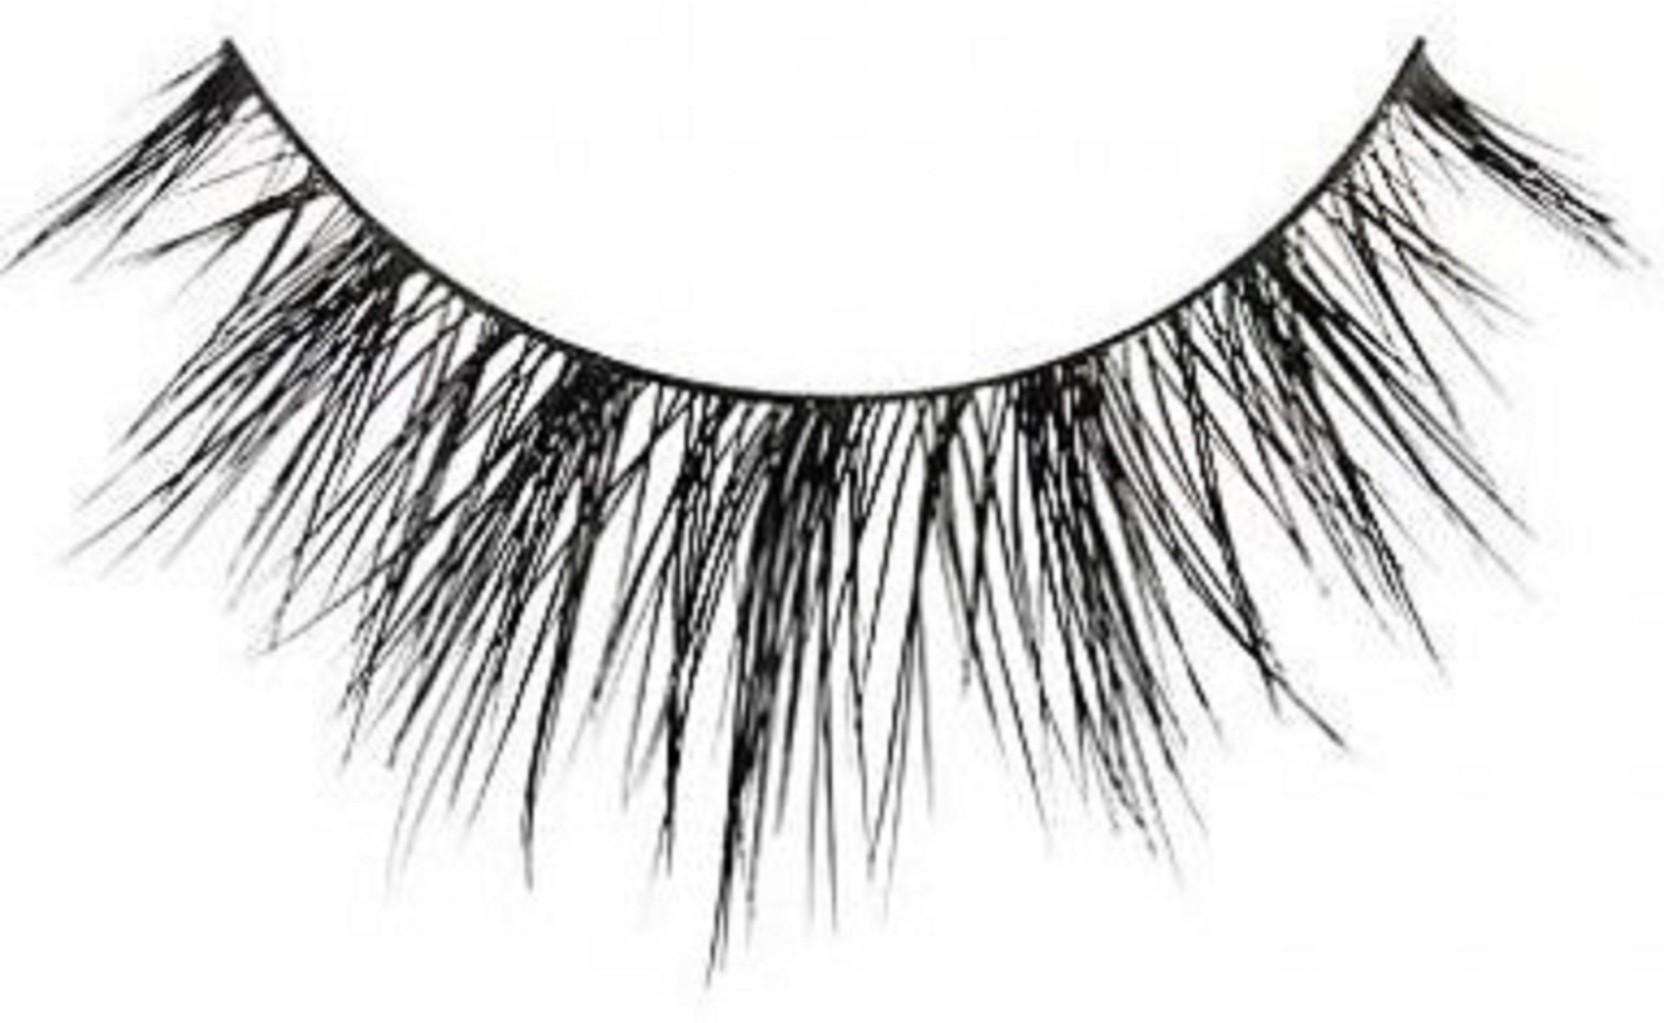 93c6feb6e44 Huda Beauty Mink Lashes Naomi - Price in India, Buy Huda Beauty Mink ...